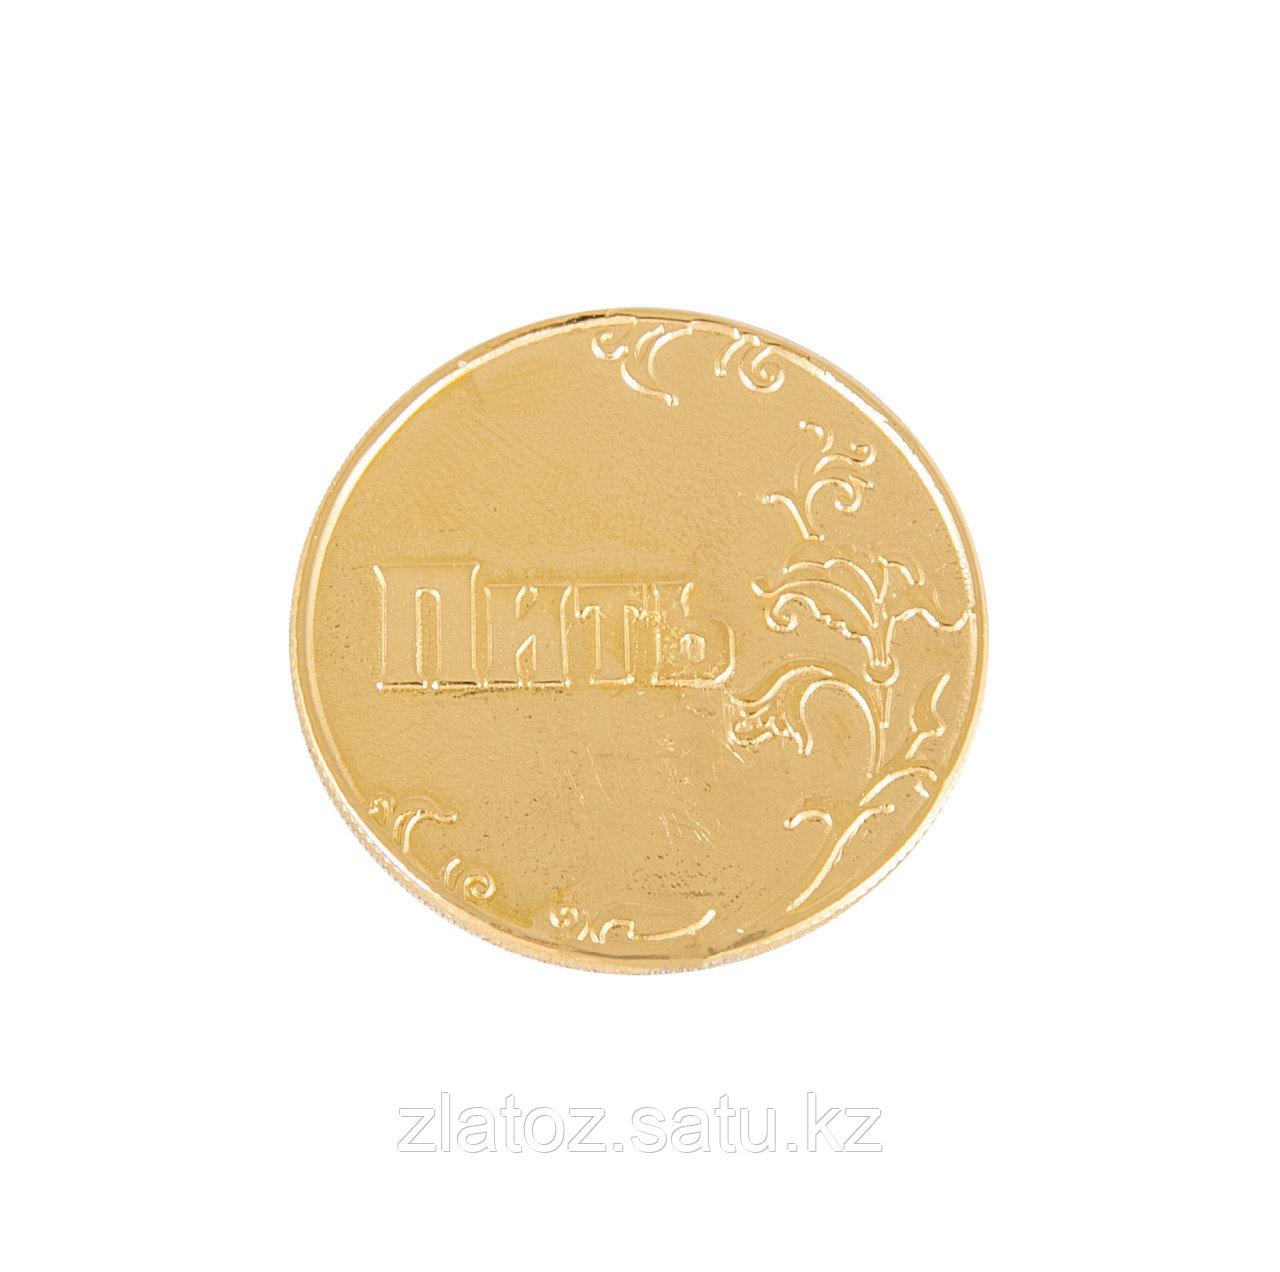 """Сувенир монета """"Пить - Не пить"""" - Купить в Казахстане - фото 1"""